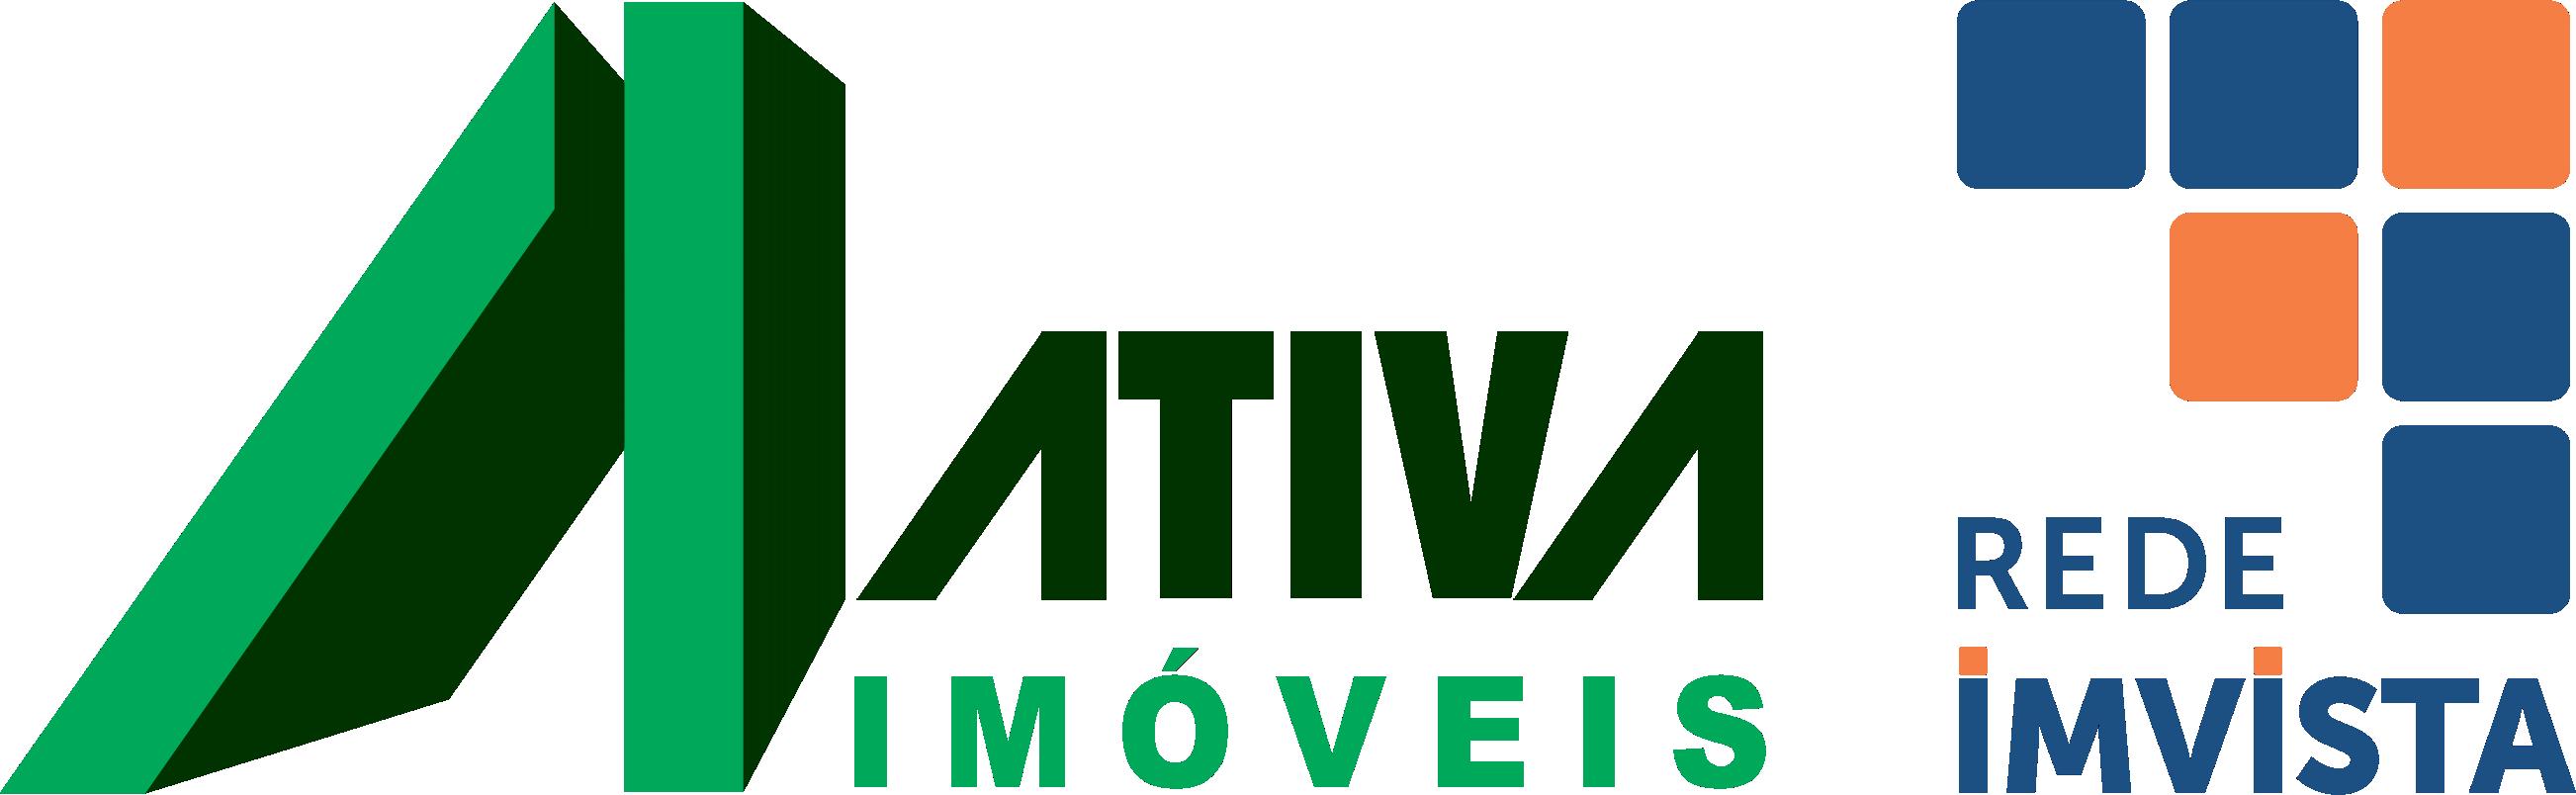 Logotipo ATIVA IMÓVEIS